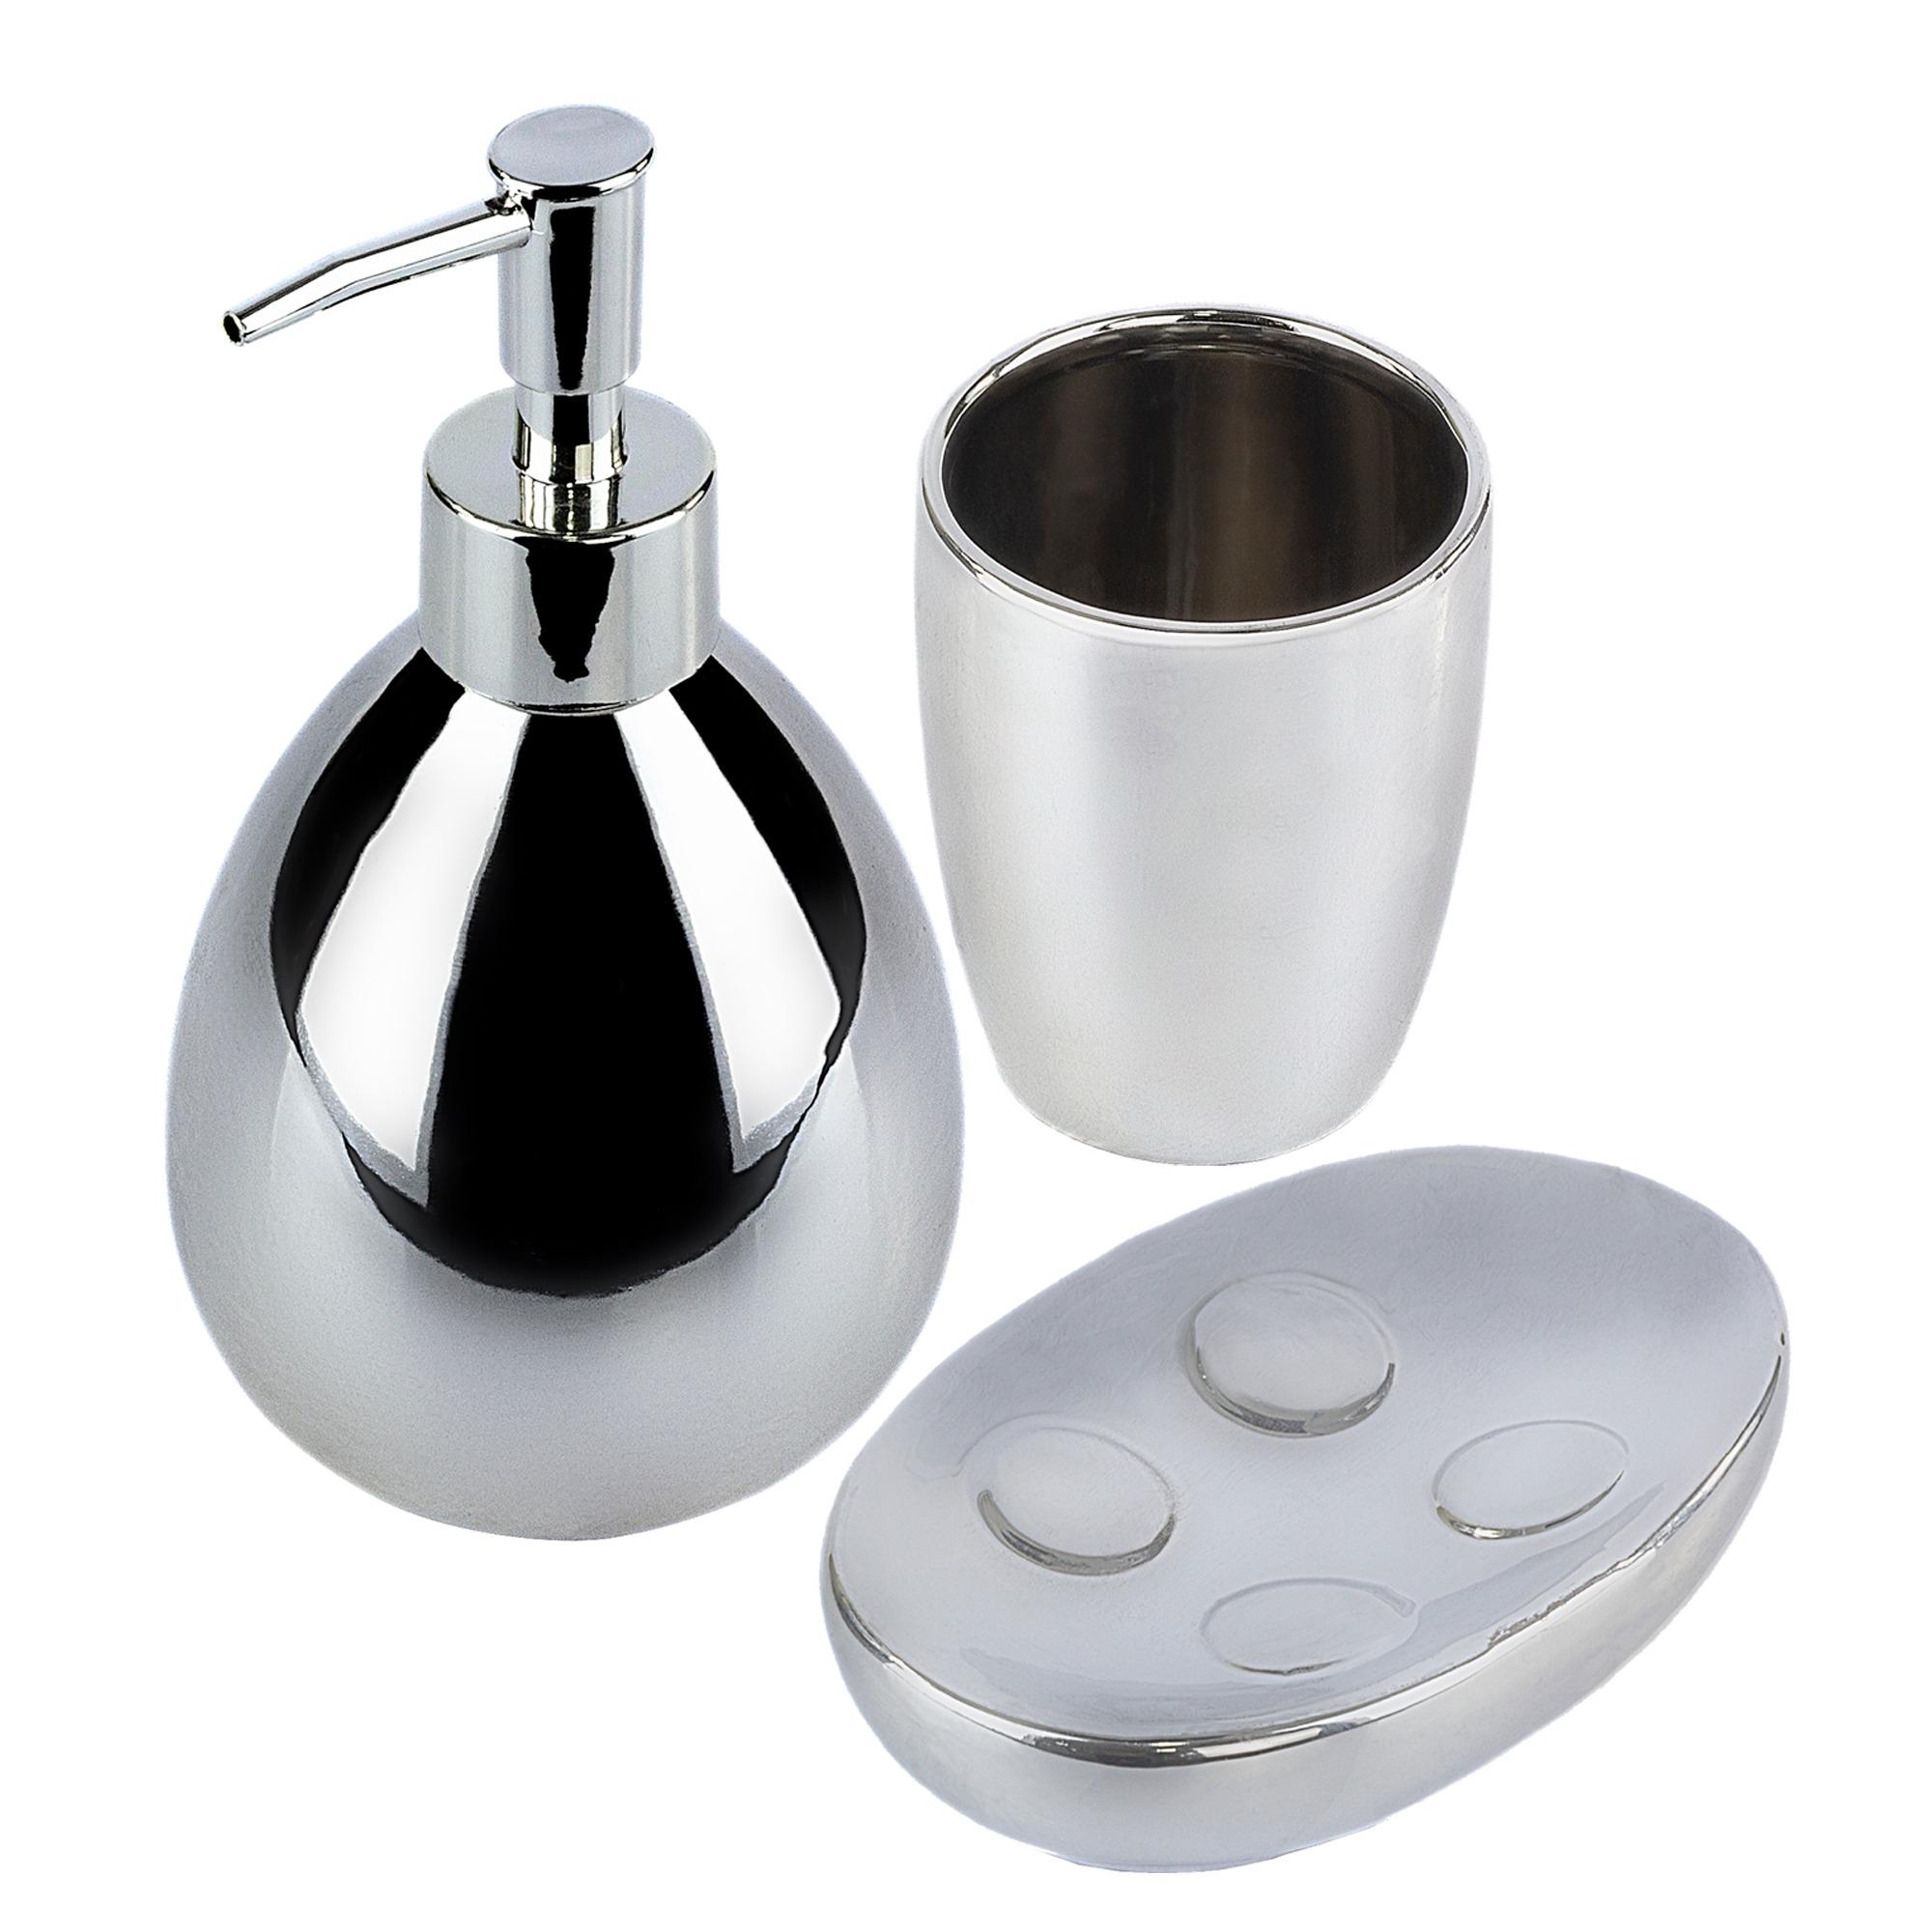 Jogo para Banheiro 3 Pecas em Ceramica 3 Pecas Prata - Bianchini